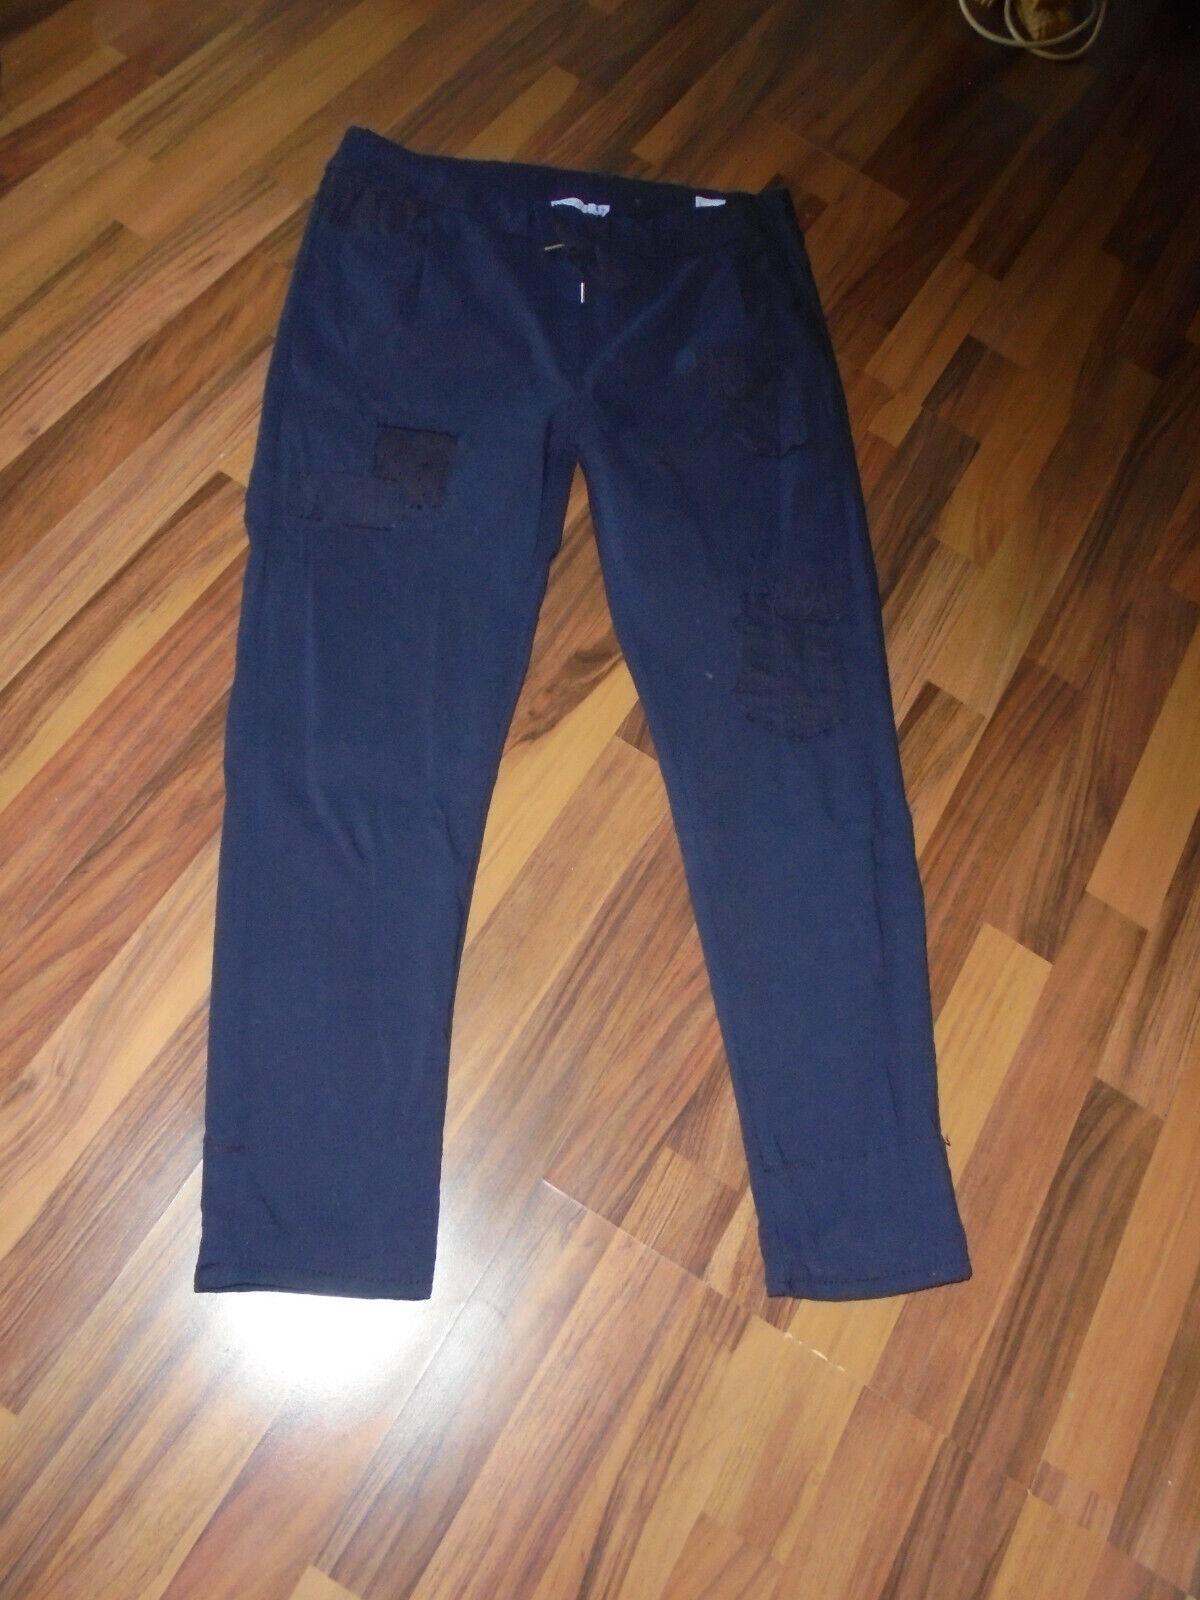 ♥ Zukauf Tredy Hose Gr. 4 dunkelblau mit Flicken